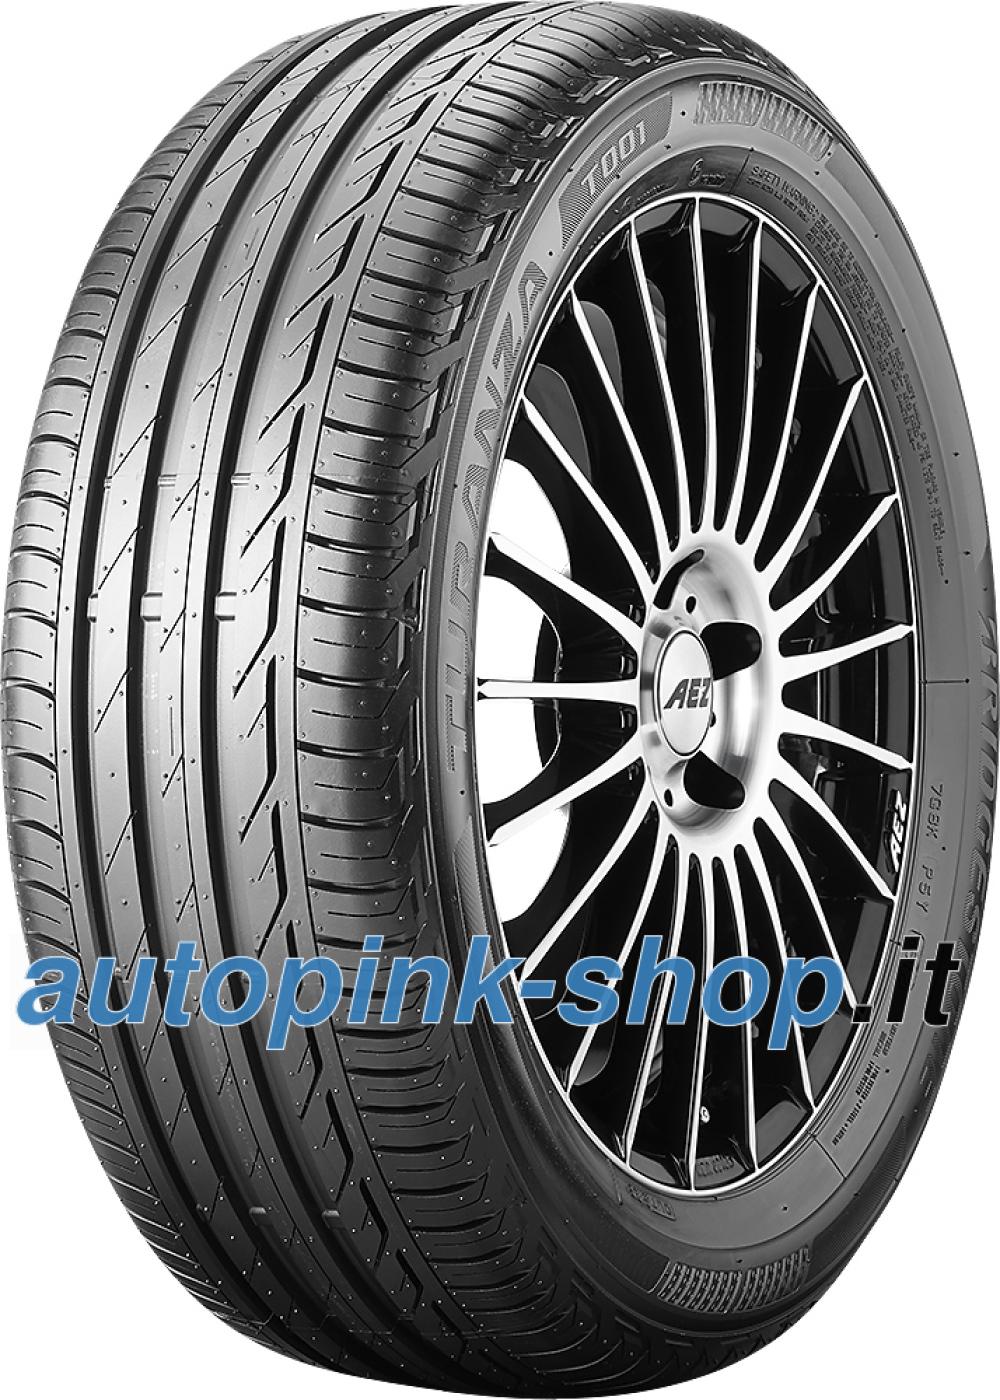 1x Pneumatici gomme Pneumatico estivo Bridgestone Turanza T001 215//60R17 96H